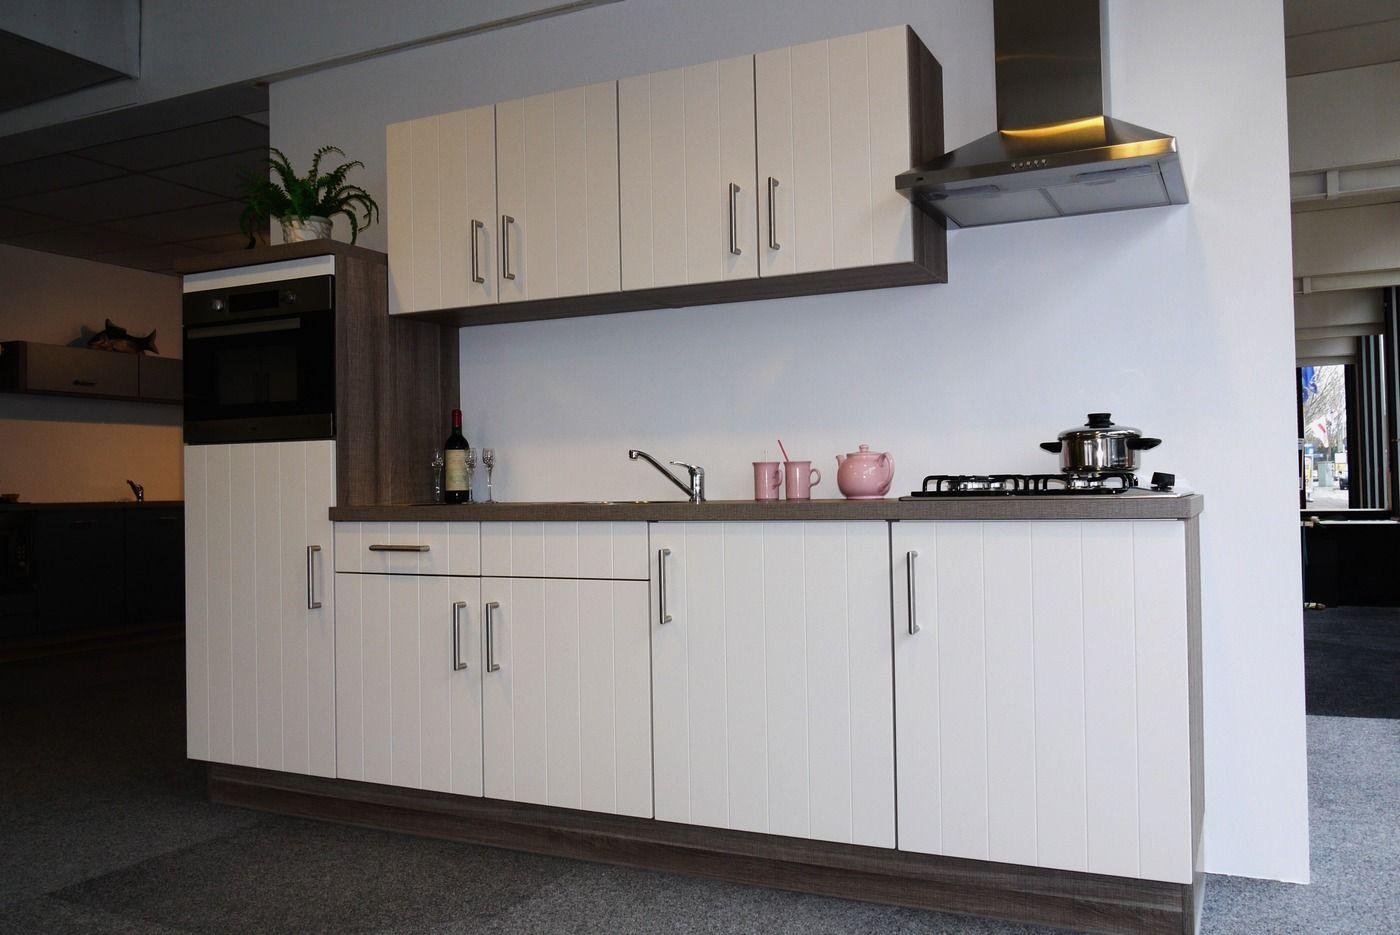 Allergrootste keukensite van nederland rechte keuken scherpe prijs x04 55607 - Centrum eiland keuken prijs ...